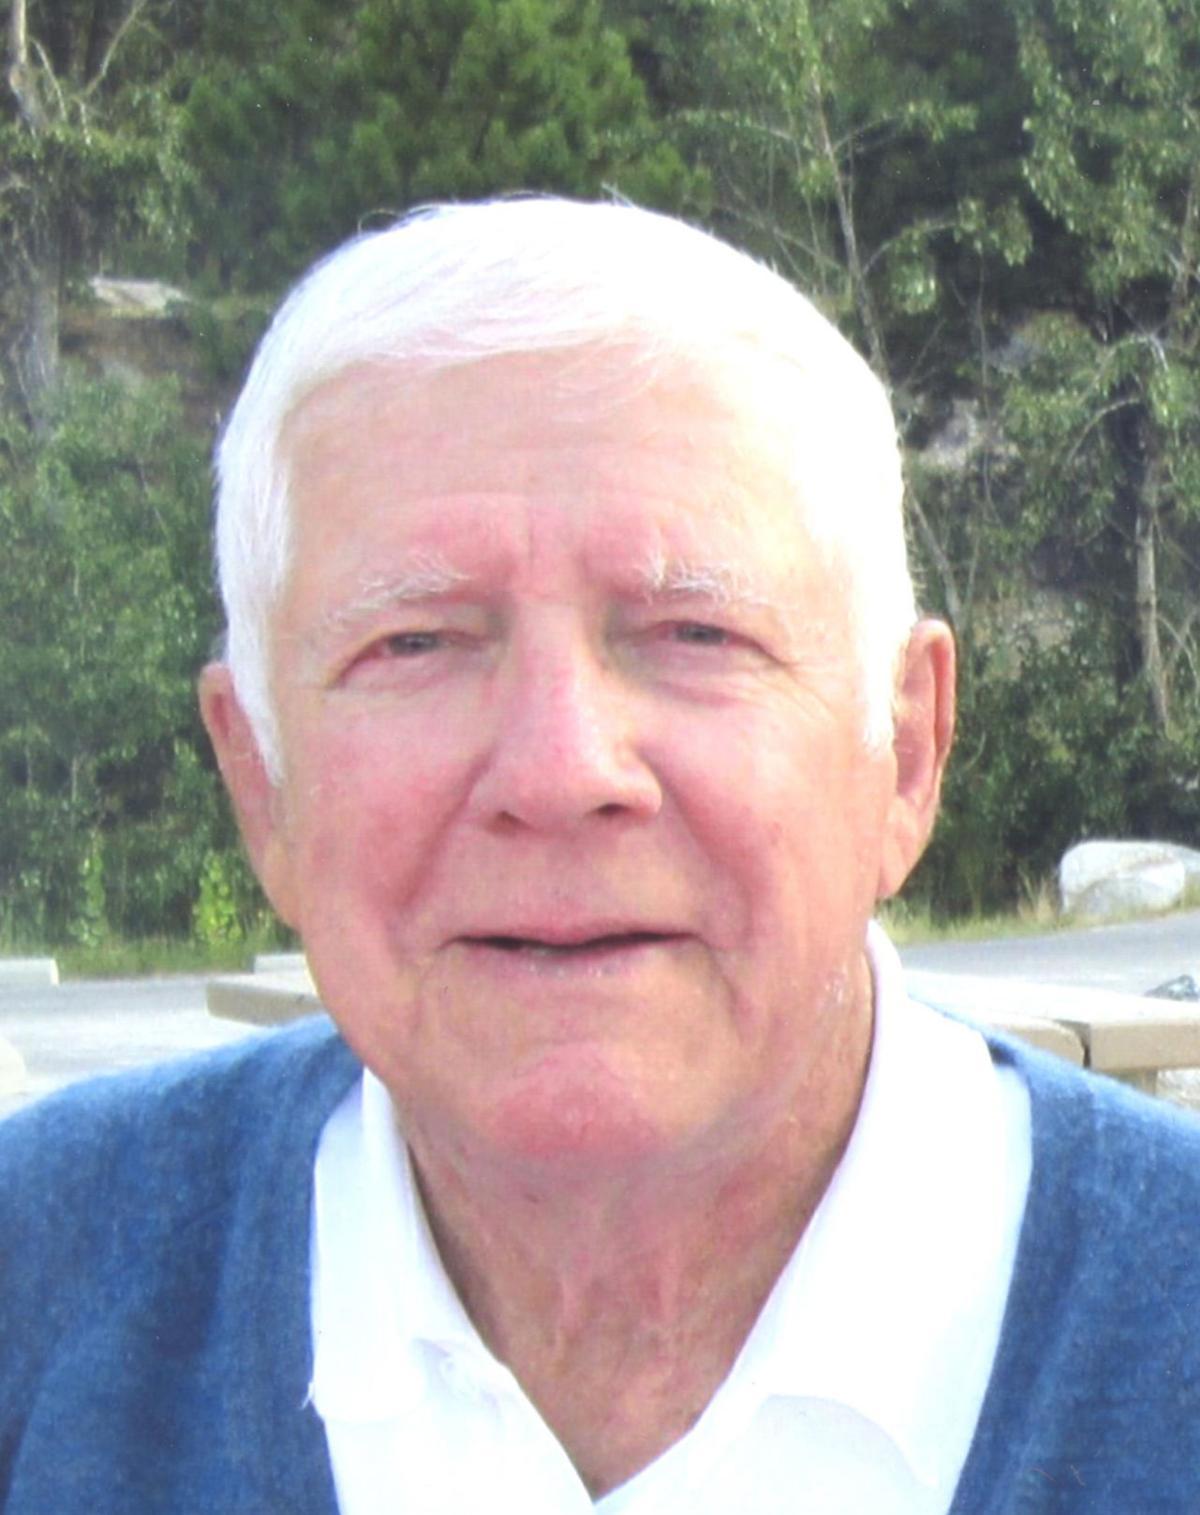 Ronald Leech